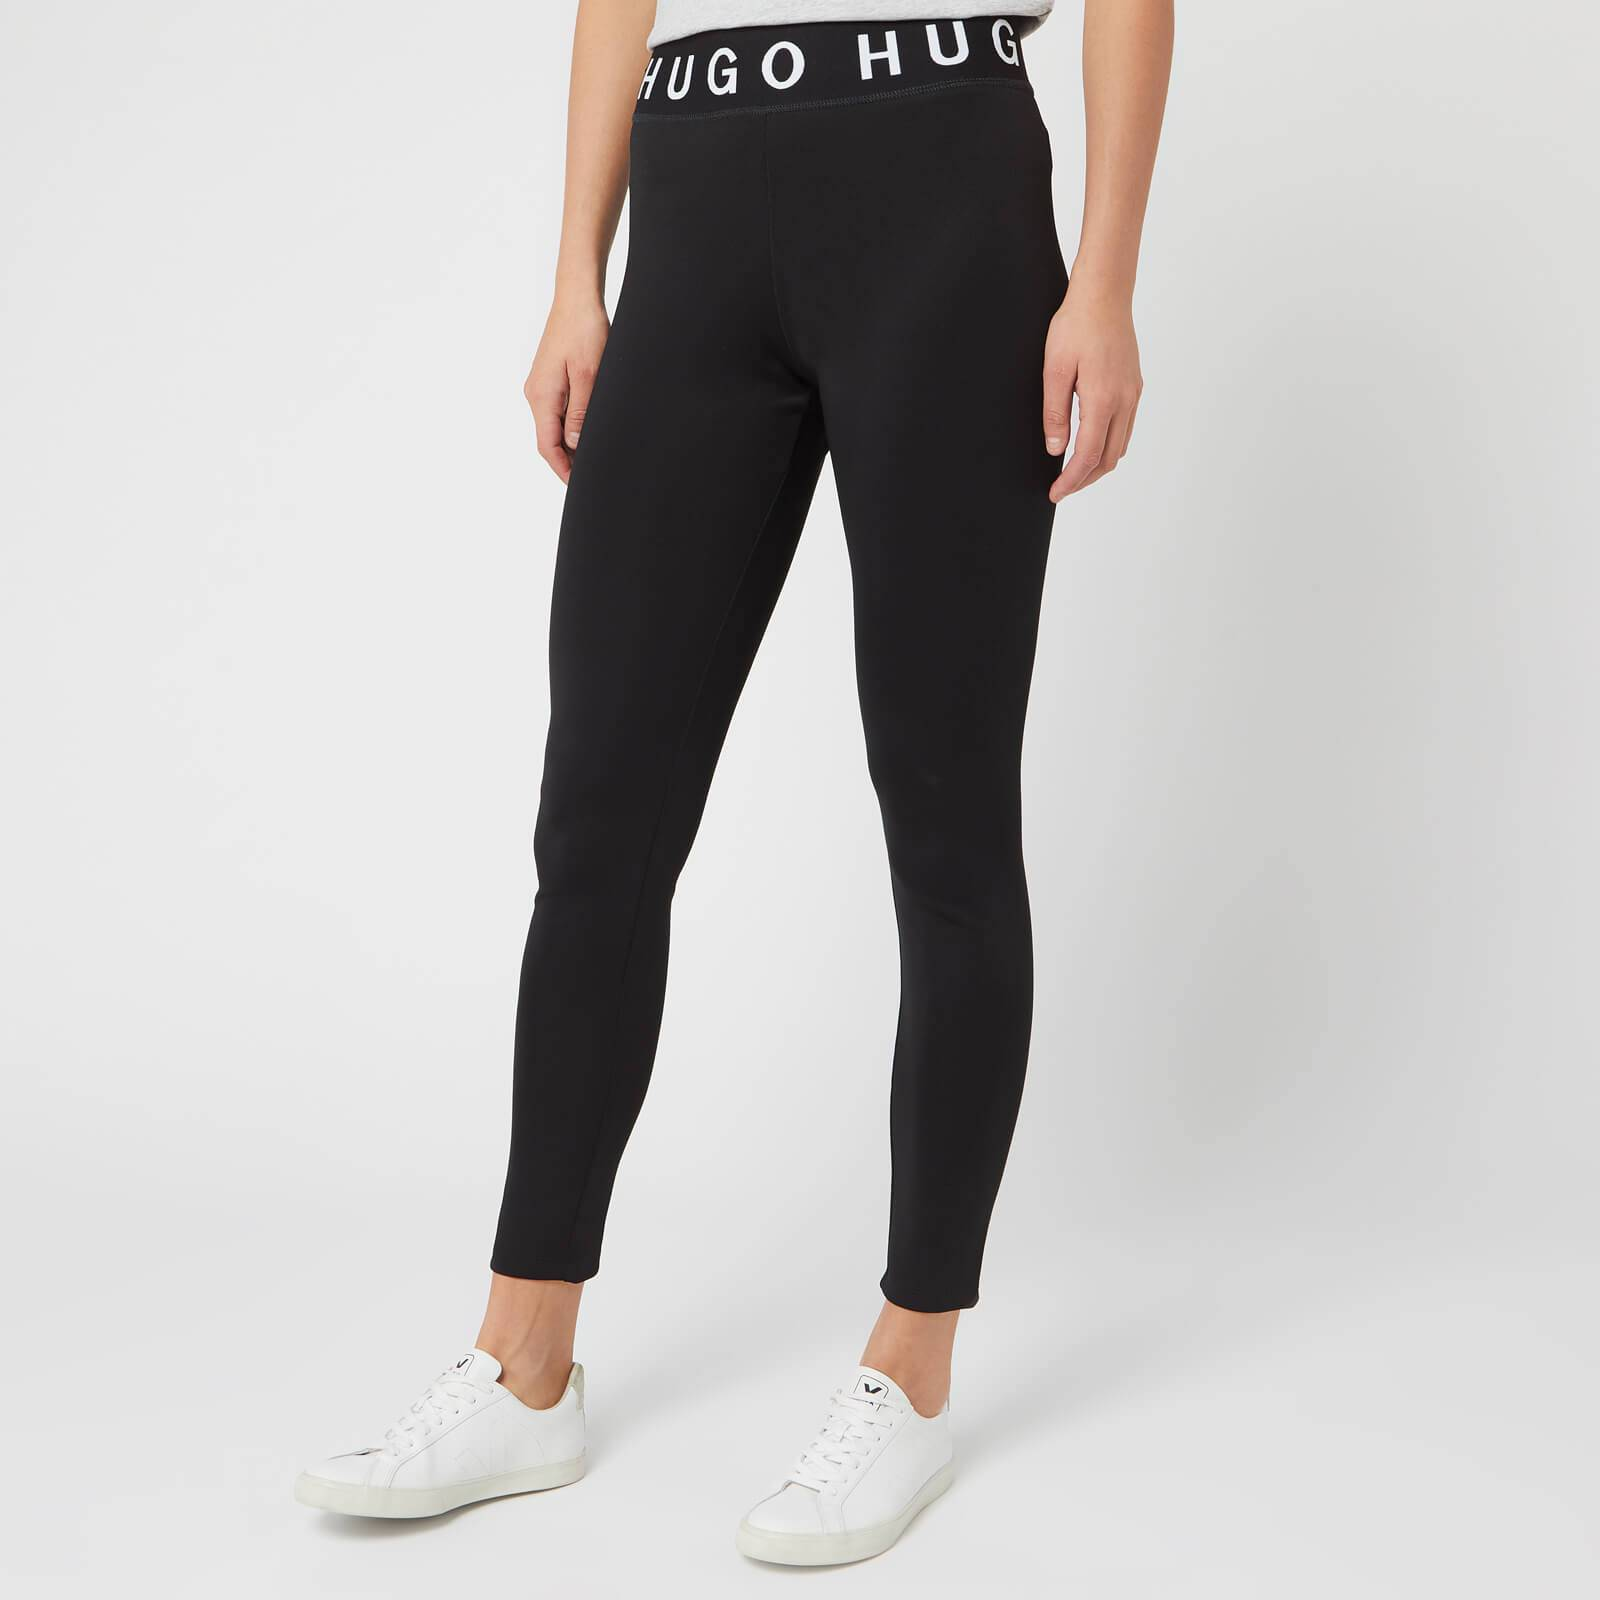 Hugo Boss Women's Nafty Leggings - Black - XS